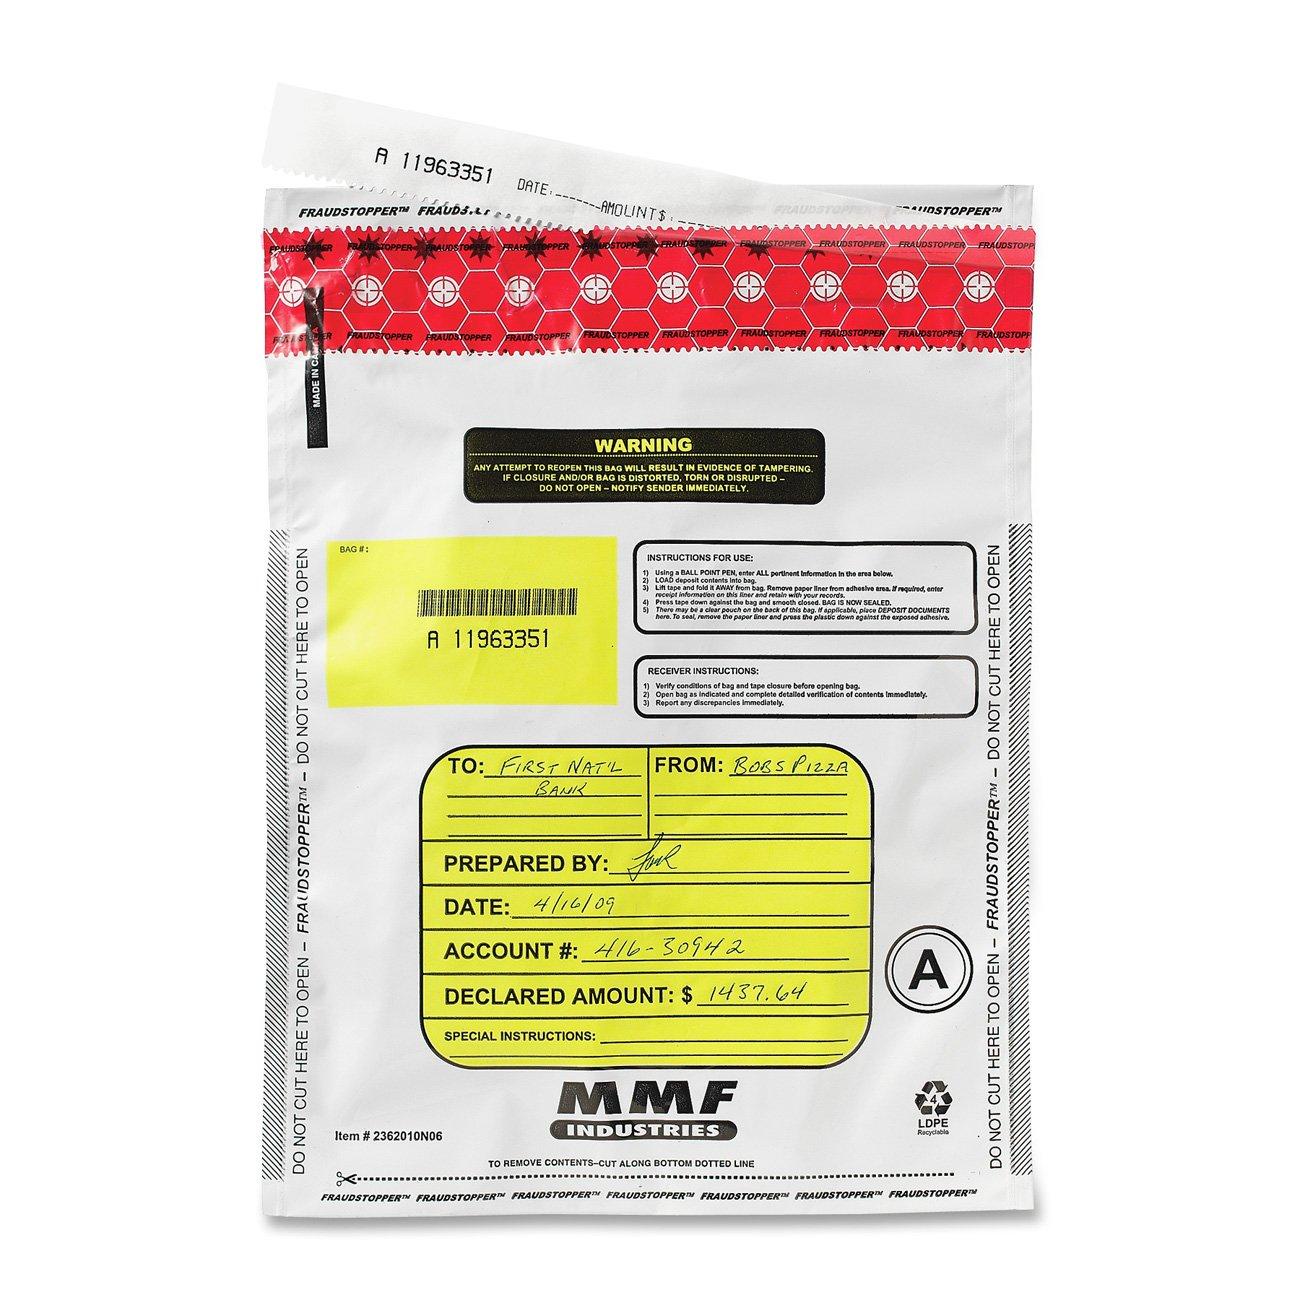 MMF Industries FraudStopper Tamper-Evident Deposit Bags, 2.5 mm, 9 x 12-Inch, 100 Bags per Box, Clear (2362010N20)